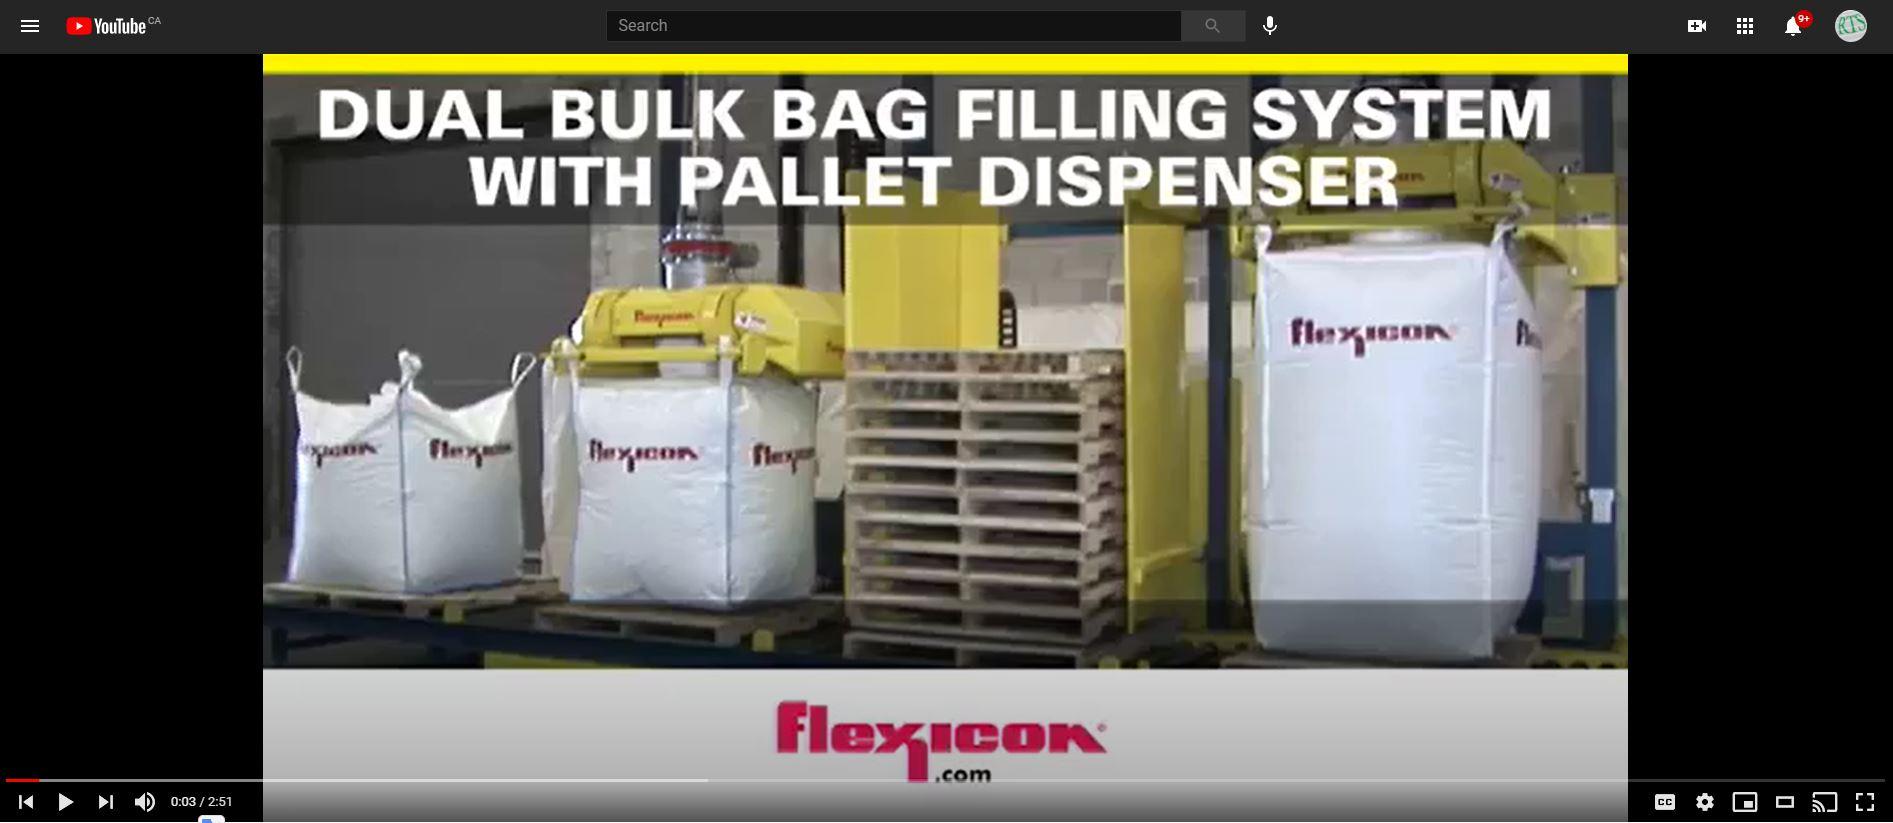 Dual Bulk Bag Filling System With Pallet Dispenser